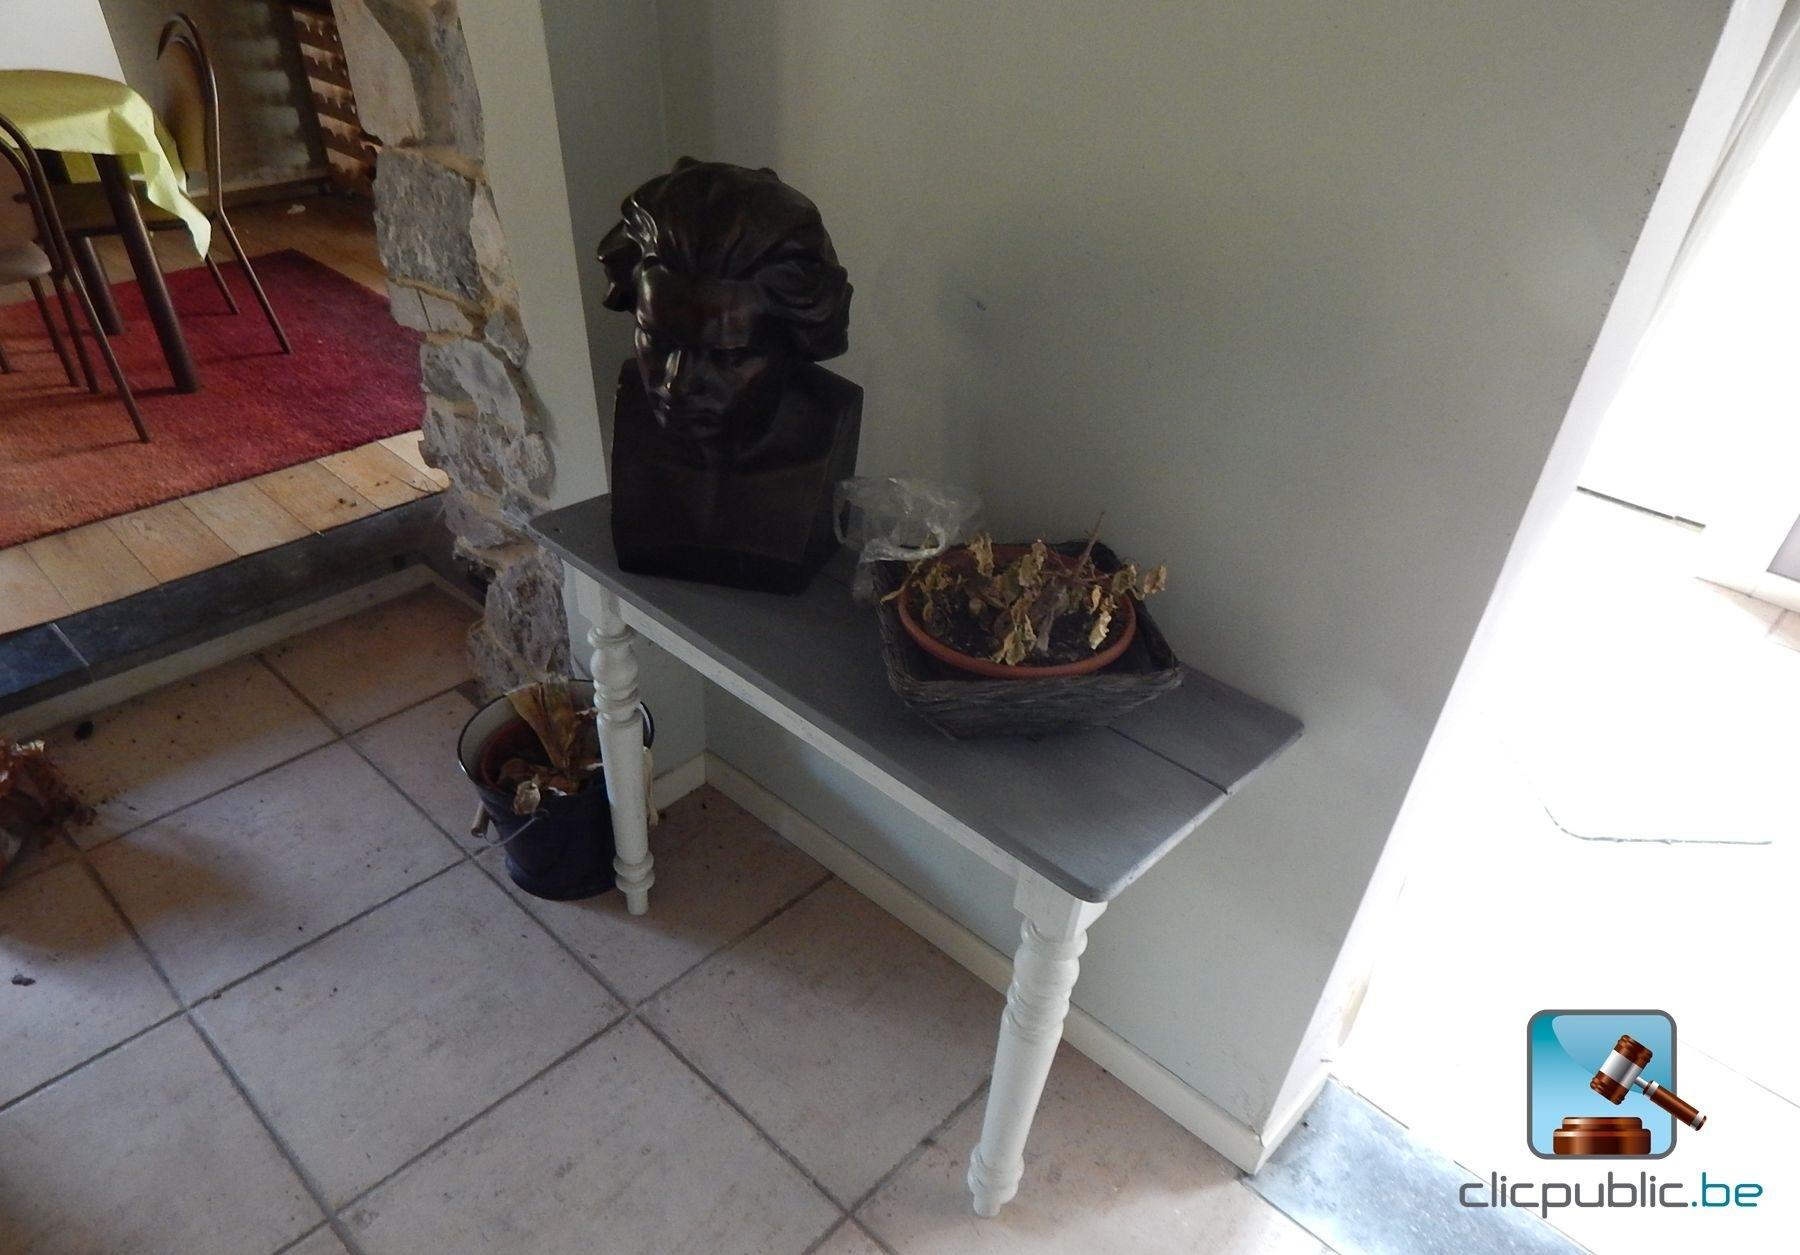 frais porte manteau buste l 39 id e d 39 un porte manteau. Black Bedroom Furniture Sets. Home Design Ideas